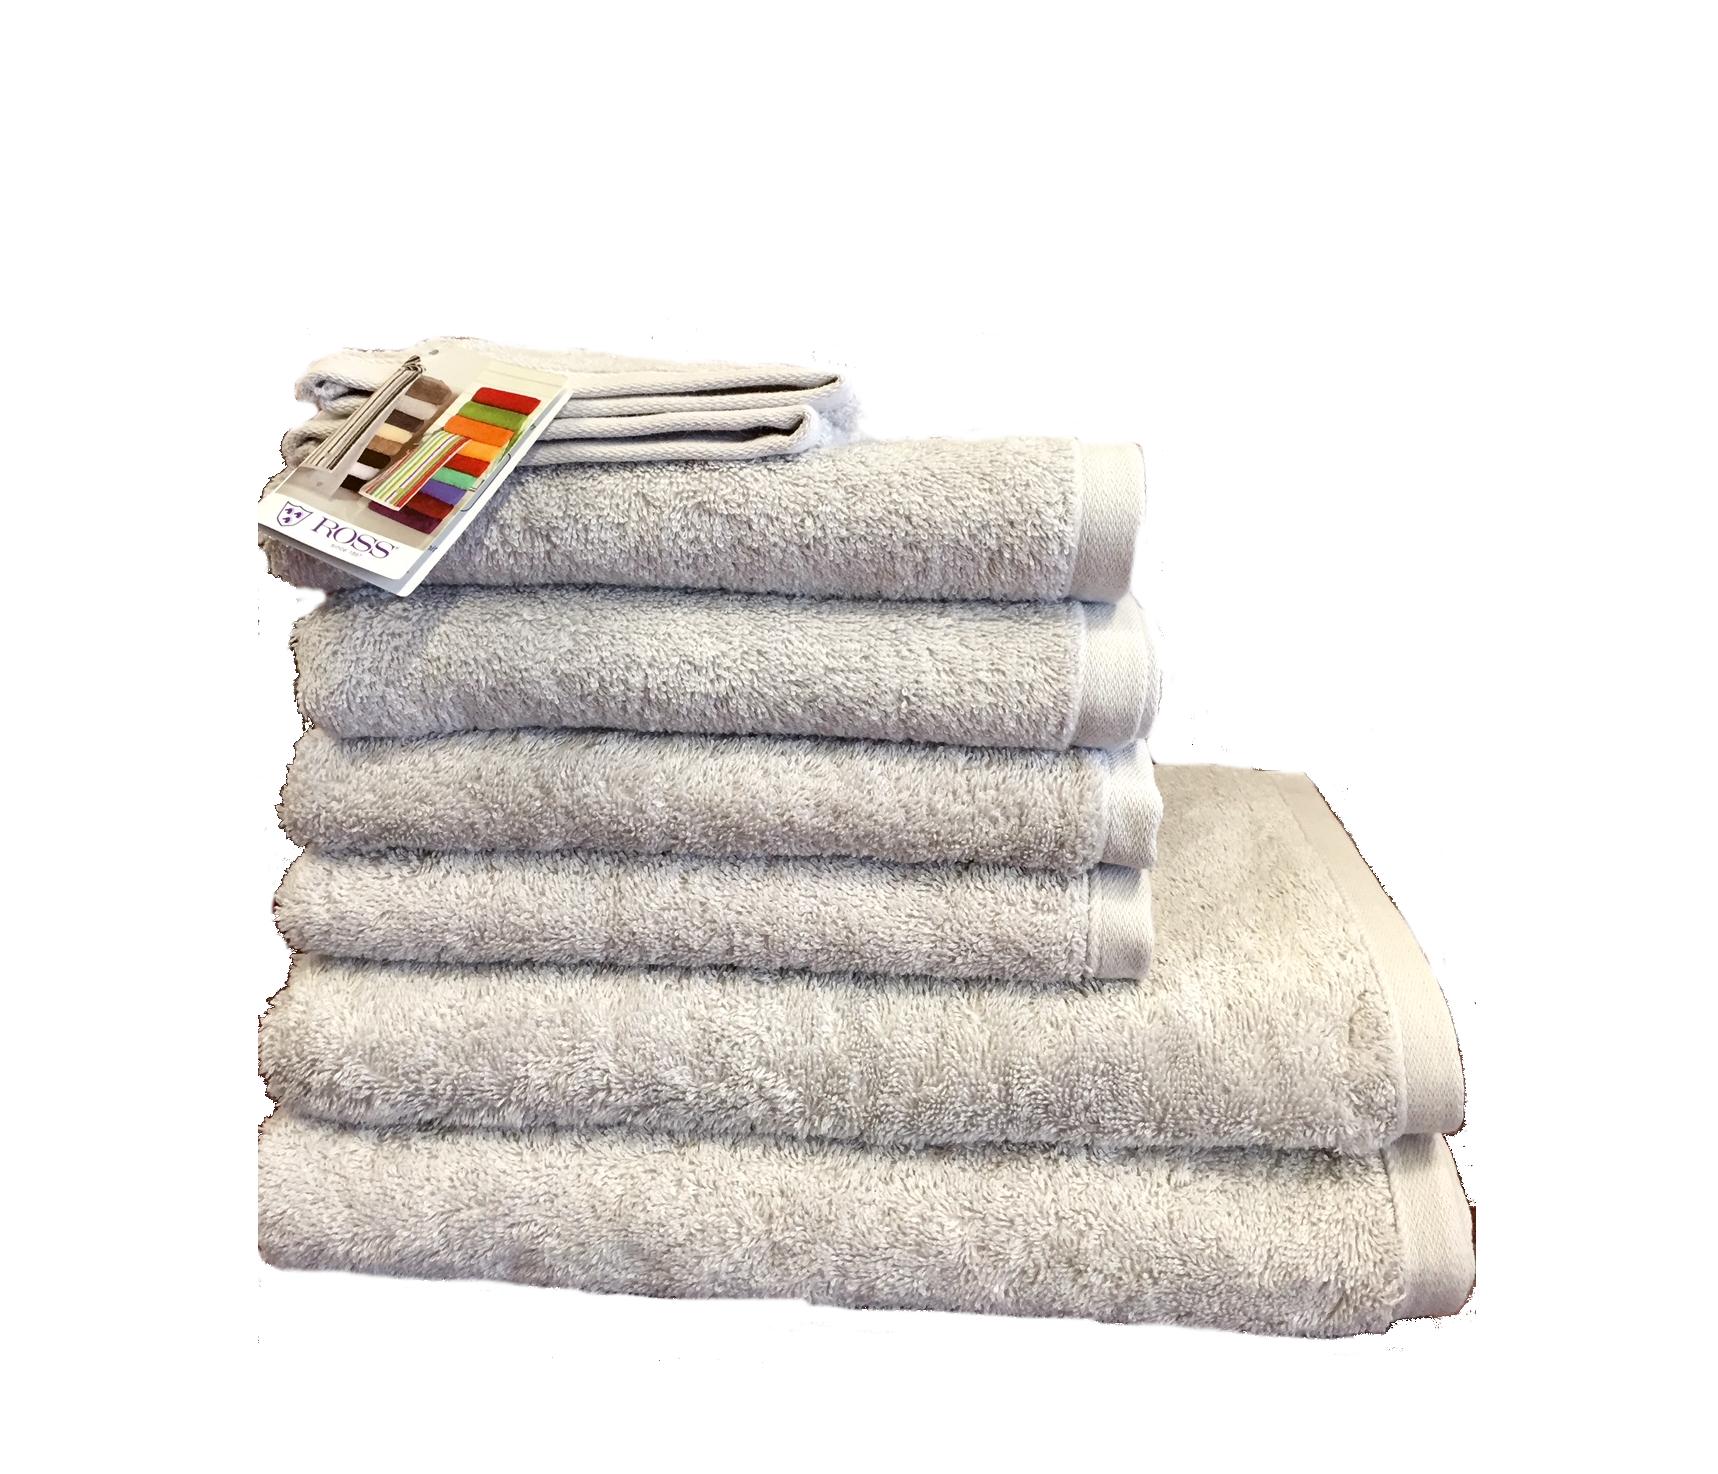 Angebot Ross Handtuchset 4004-00 Weiß 2x Duschtuch 4x Handtuch Gratis 2x Waschhandschuh